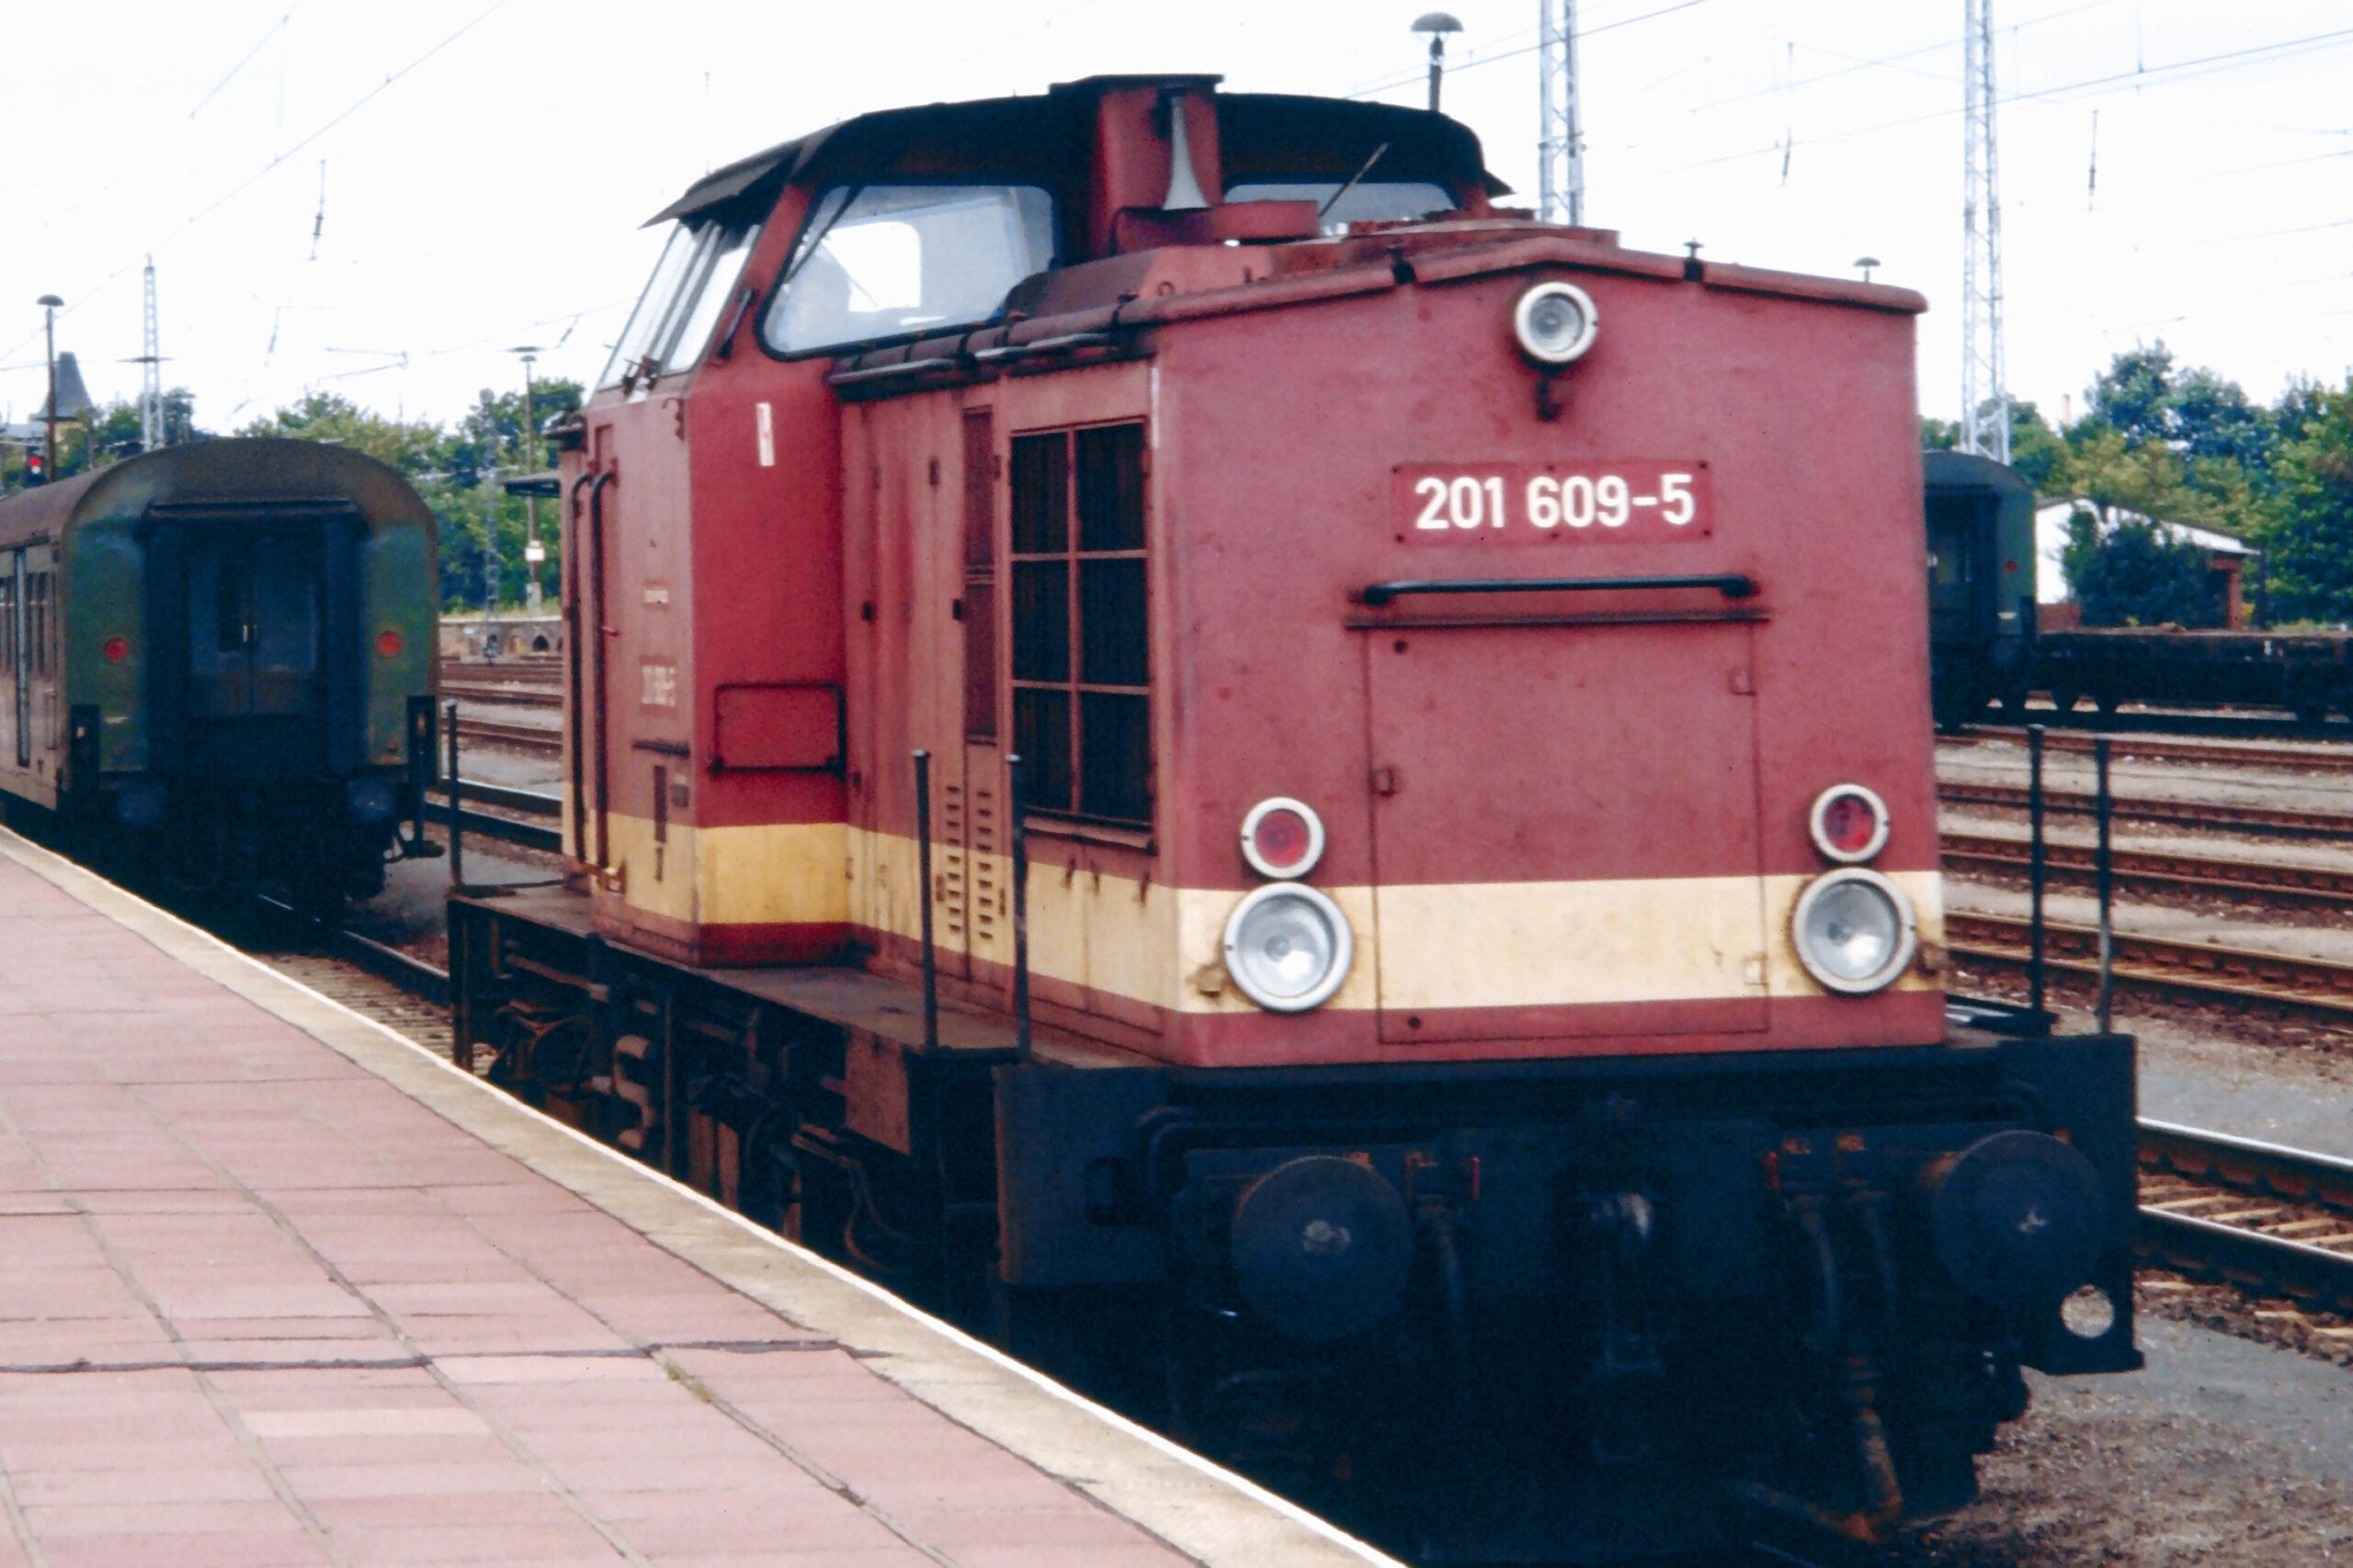 DB-Baureihe 201